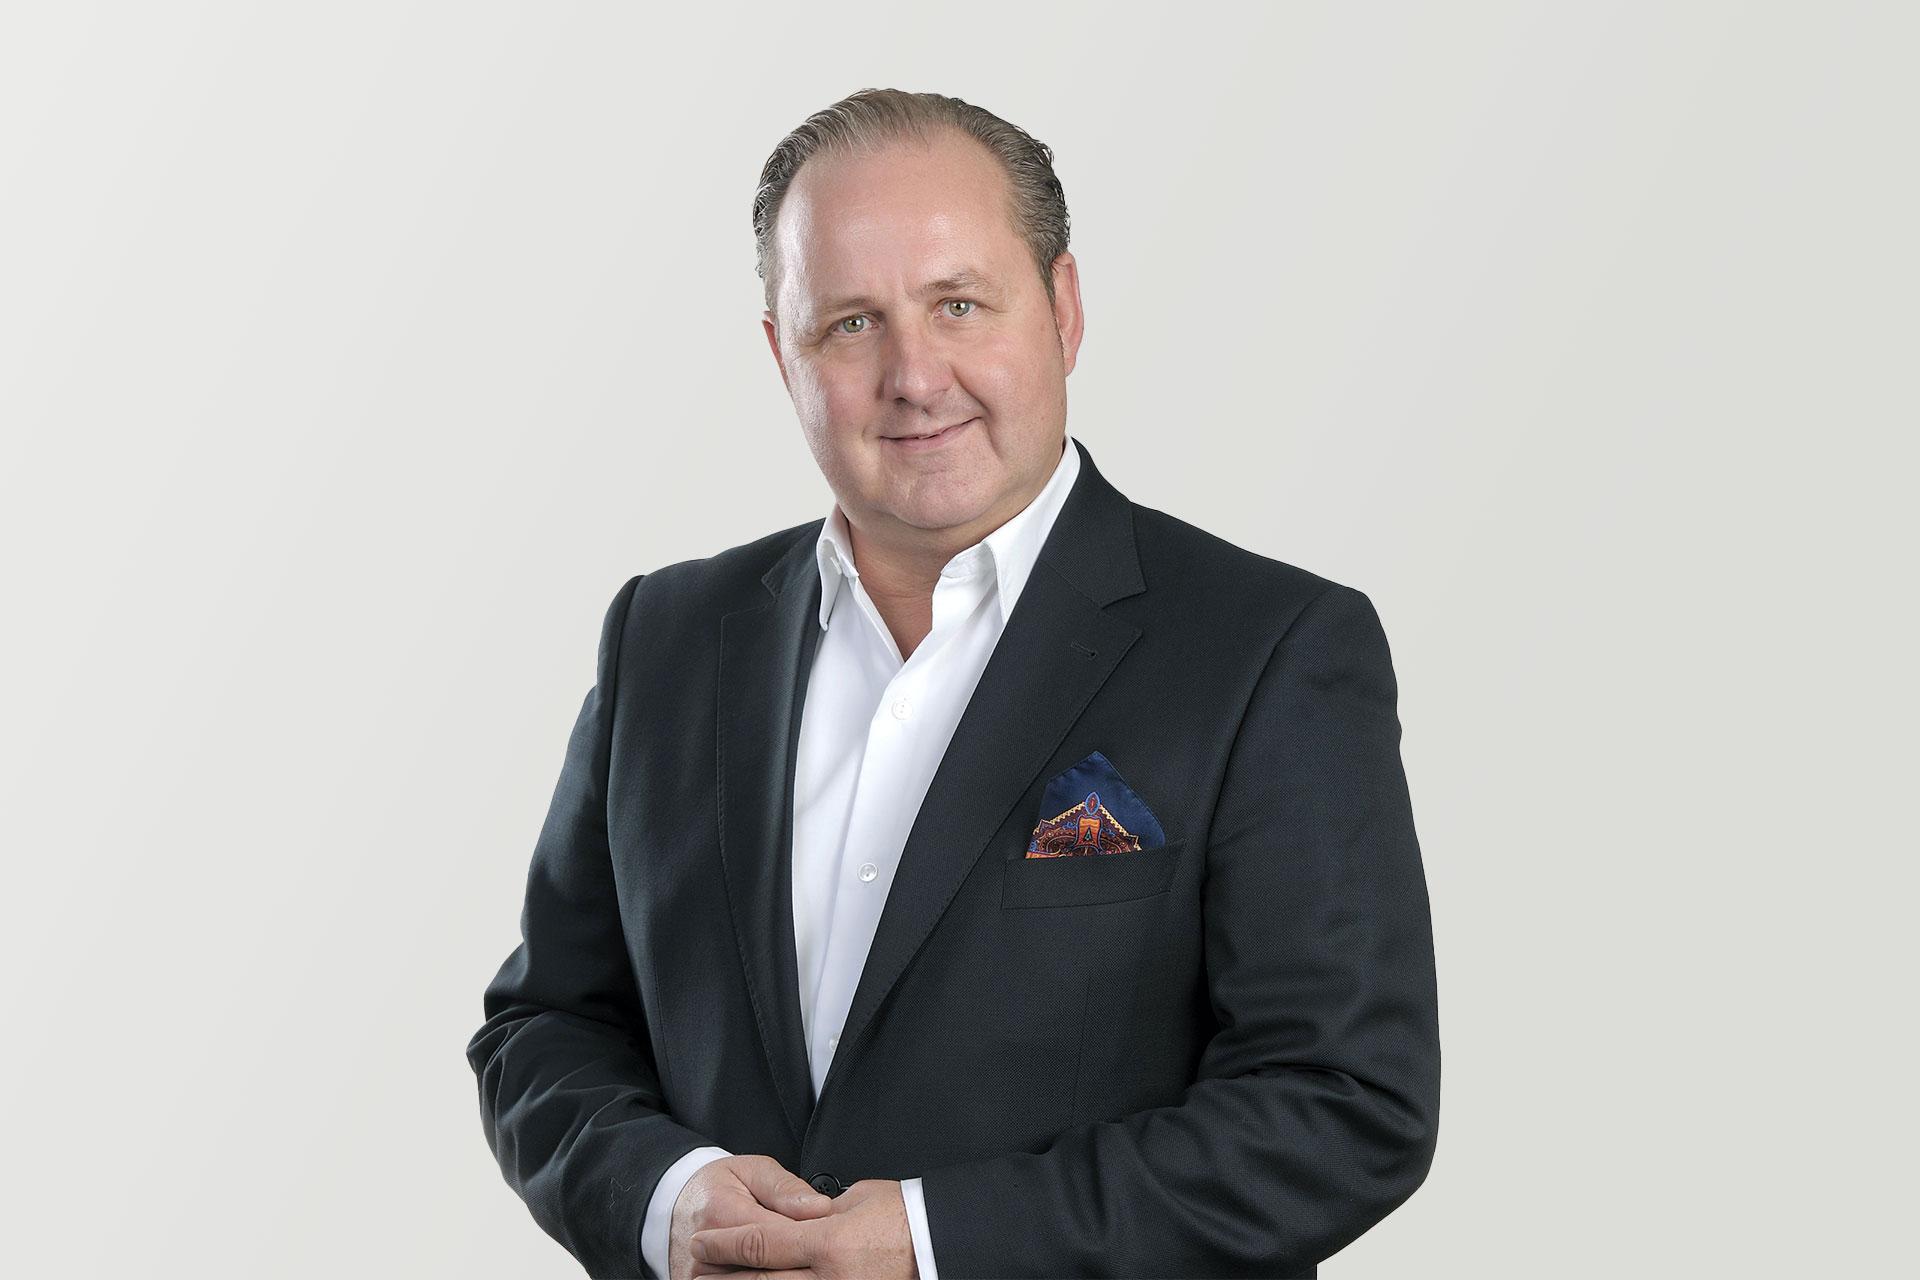 Markus Franz Schoekle